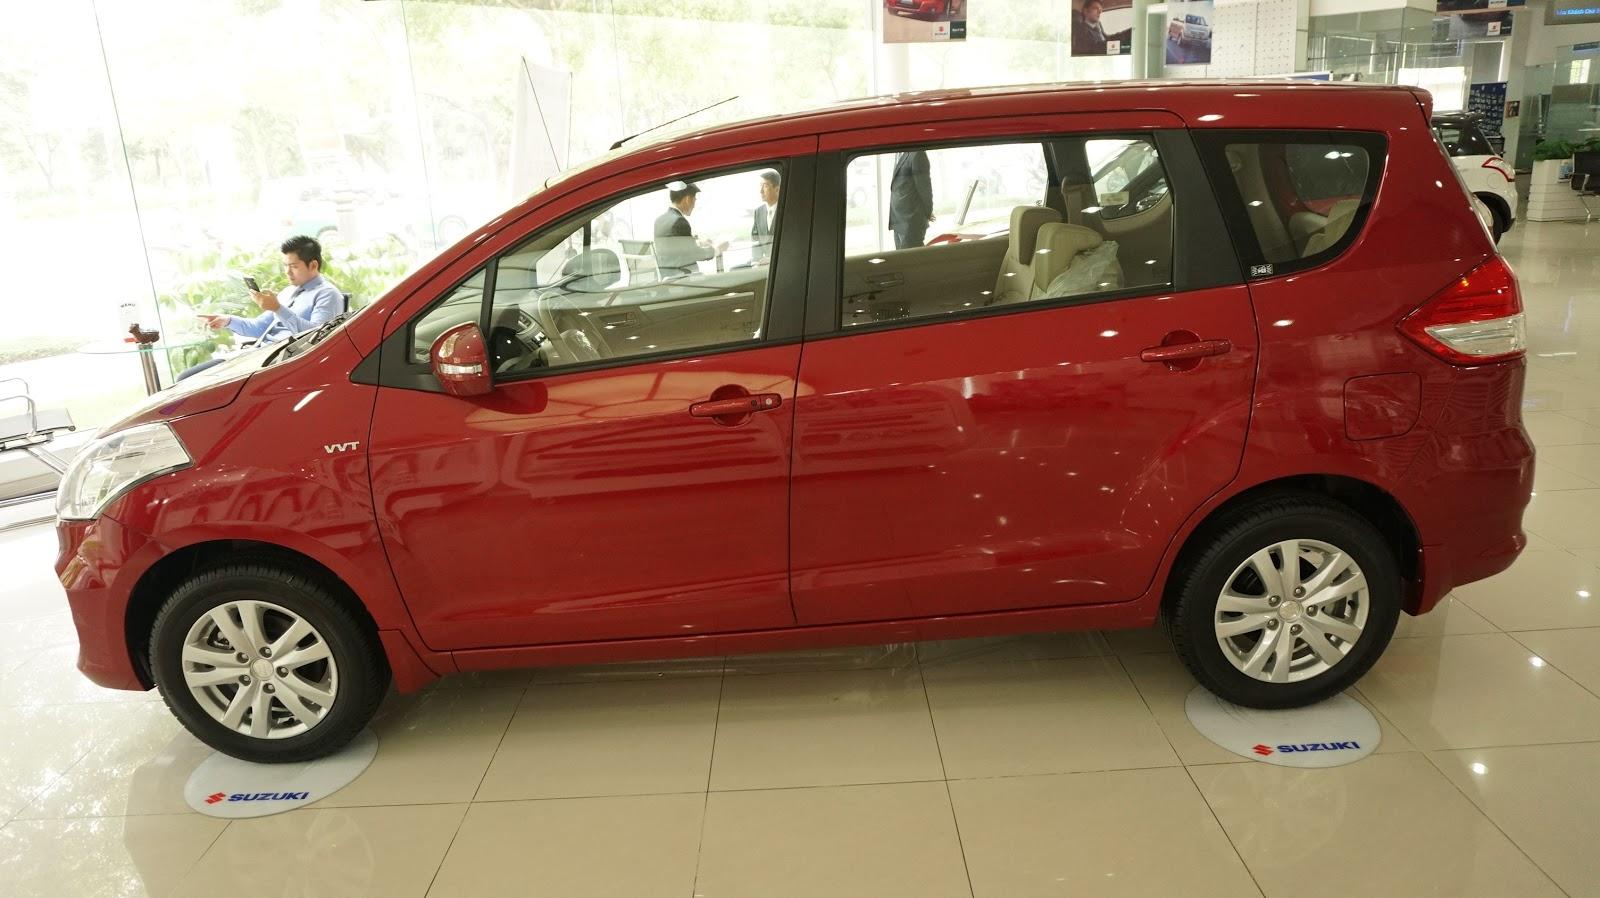 Xe được thiết kế theo nguyên lý khí động học, lướt mượt và xe rất nhẹ, chỉ hơn 1,1 tấn